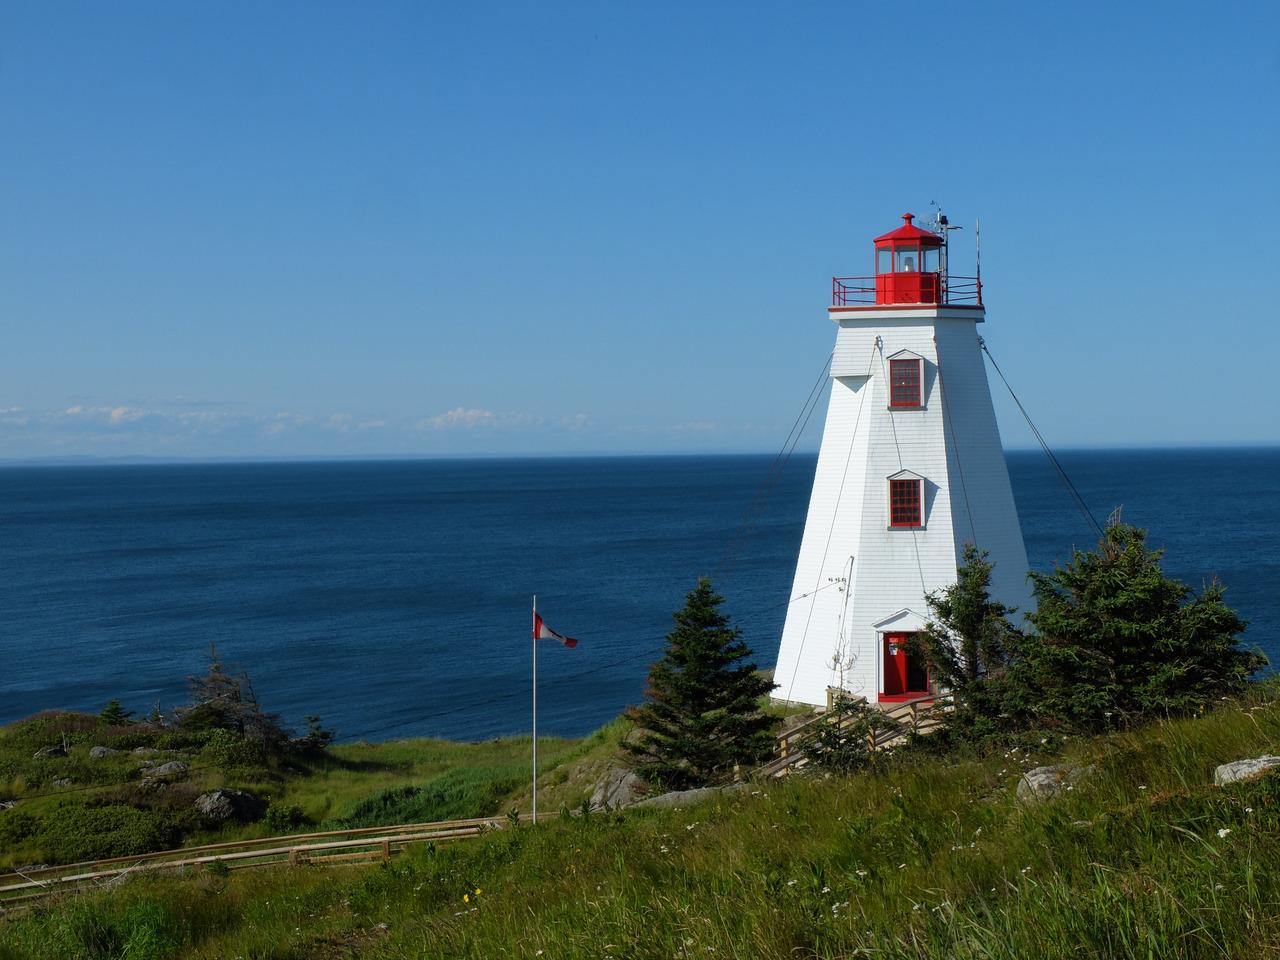 mangia minga // Travels: Grand Manan, New Brunswick